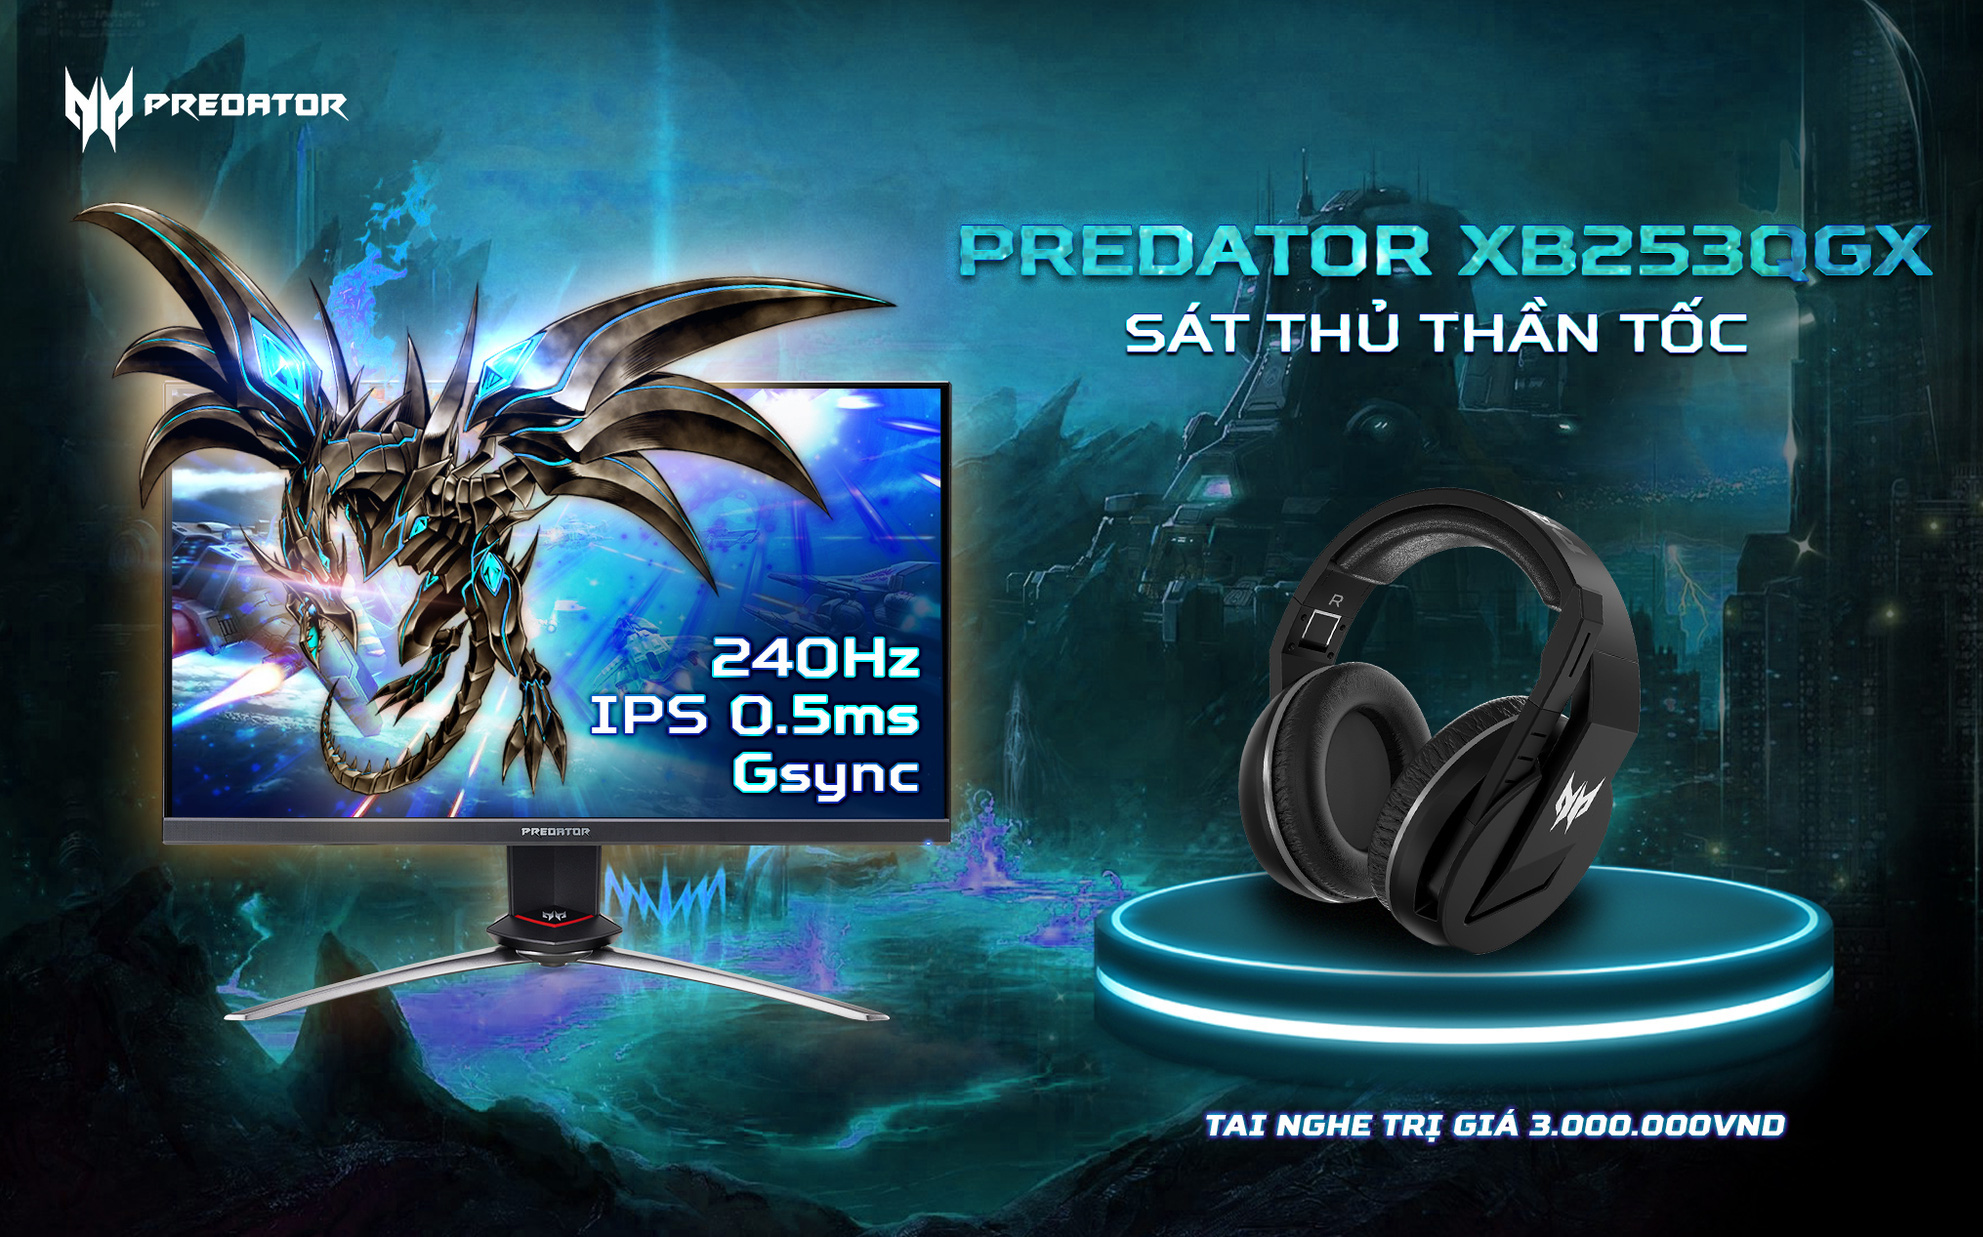 Những lý do khiến cho màn hình Predator XB253QGX luôn là lựa chọn hàng đầu của game thủ